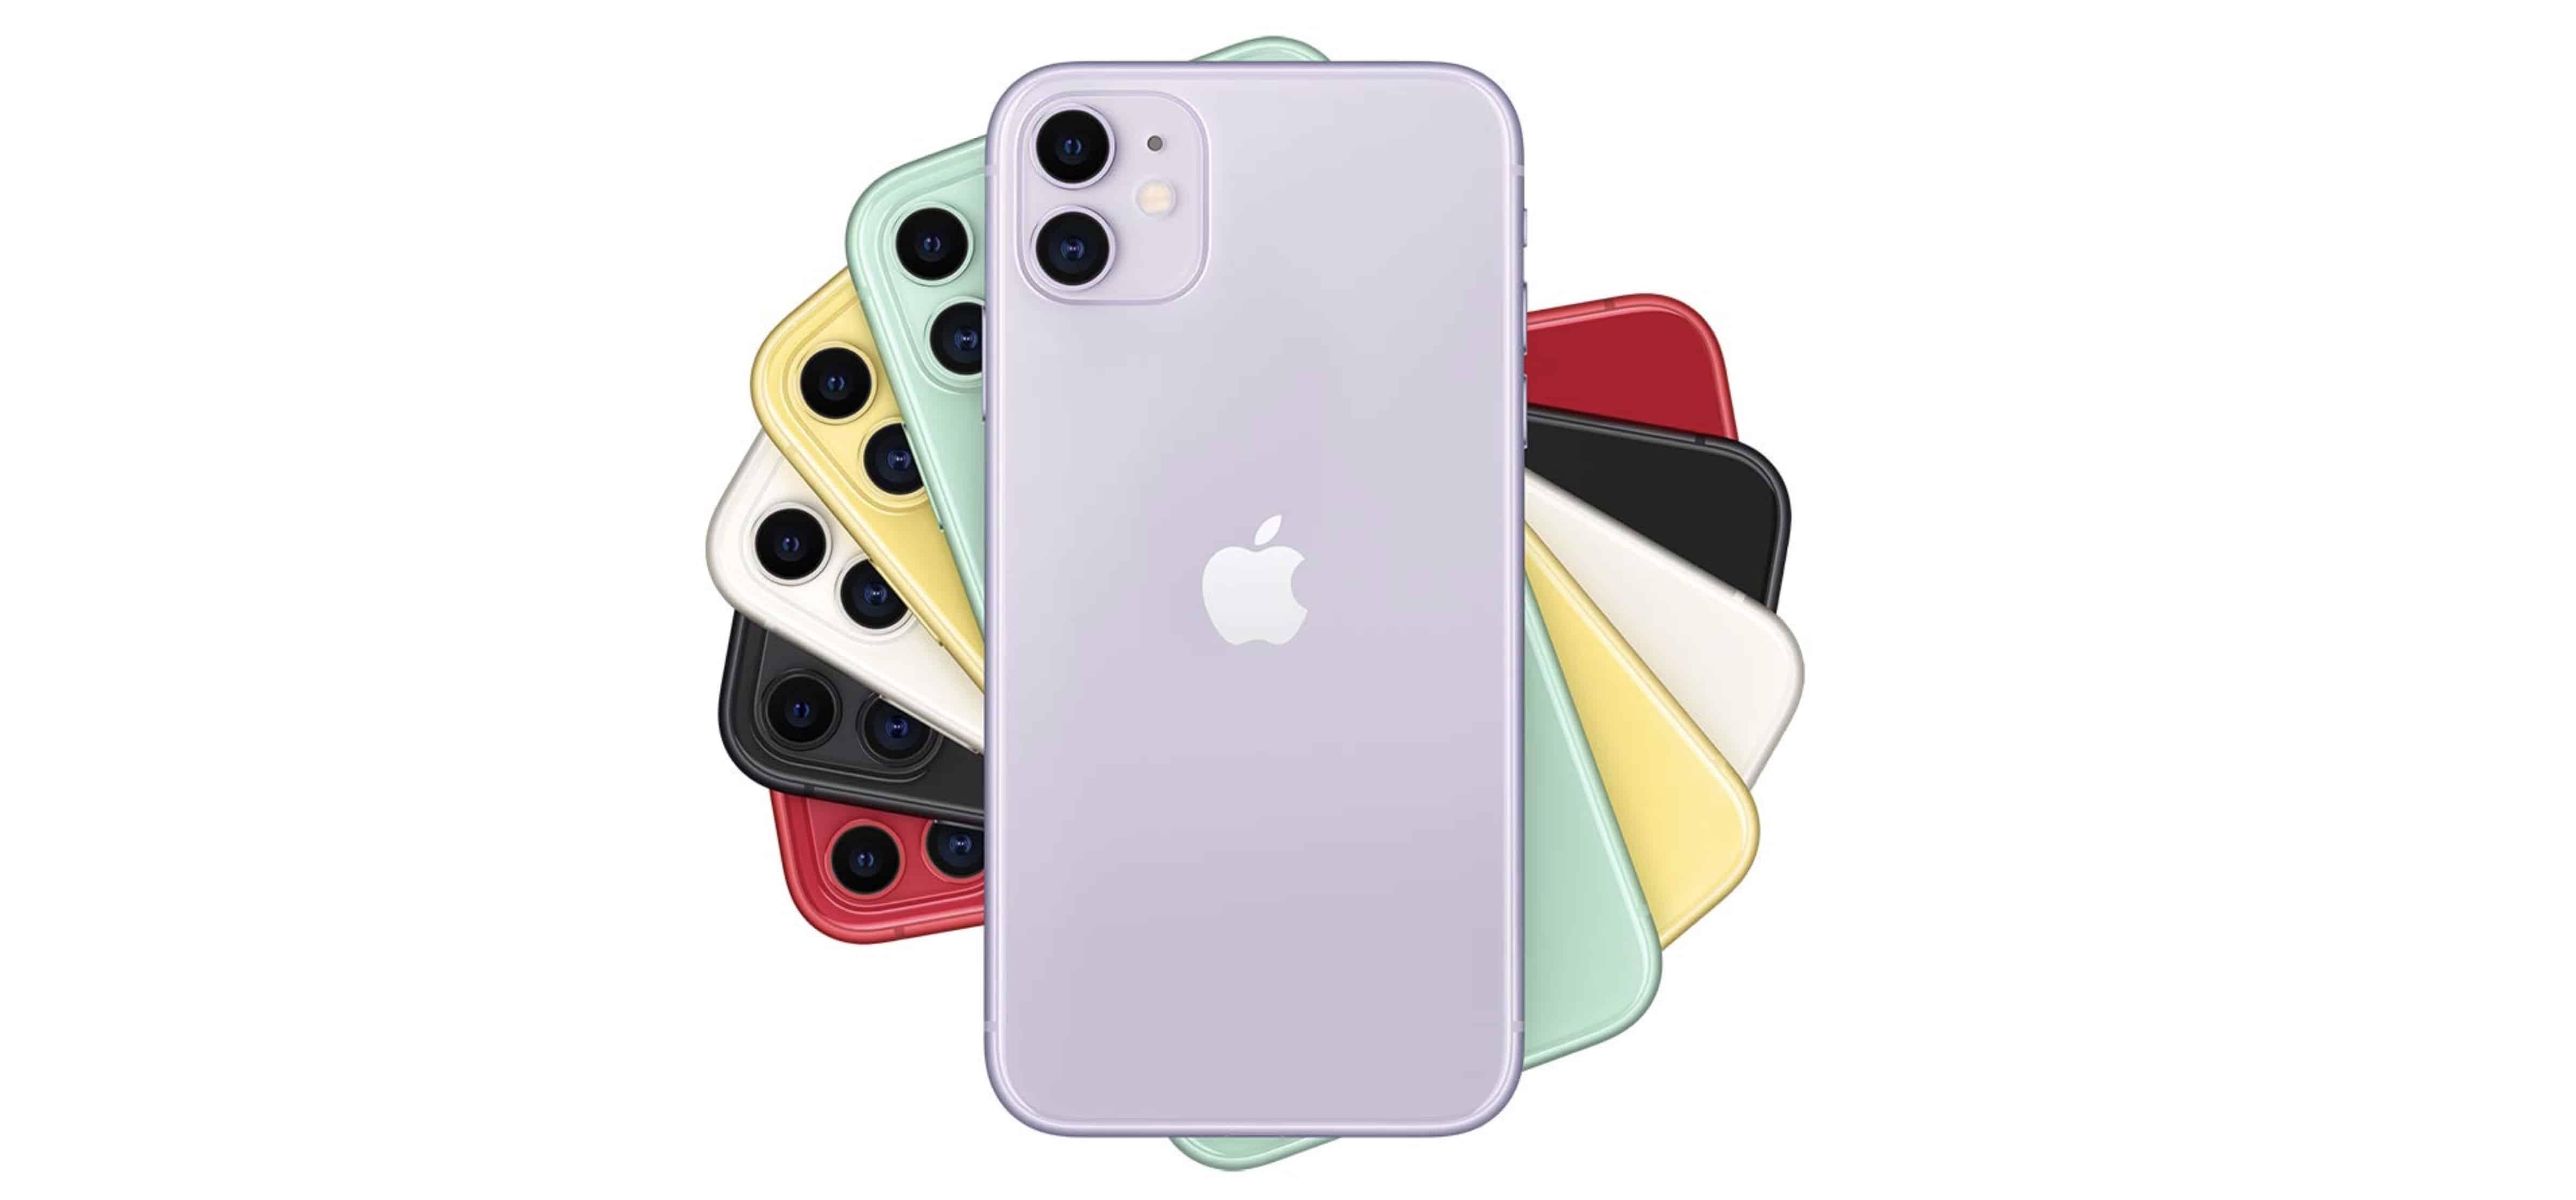 Acquista iPhone 11 al miglior prezzo